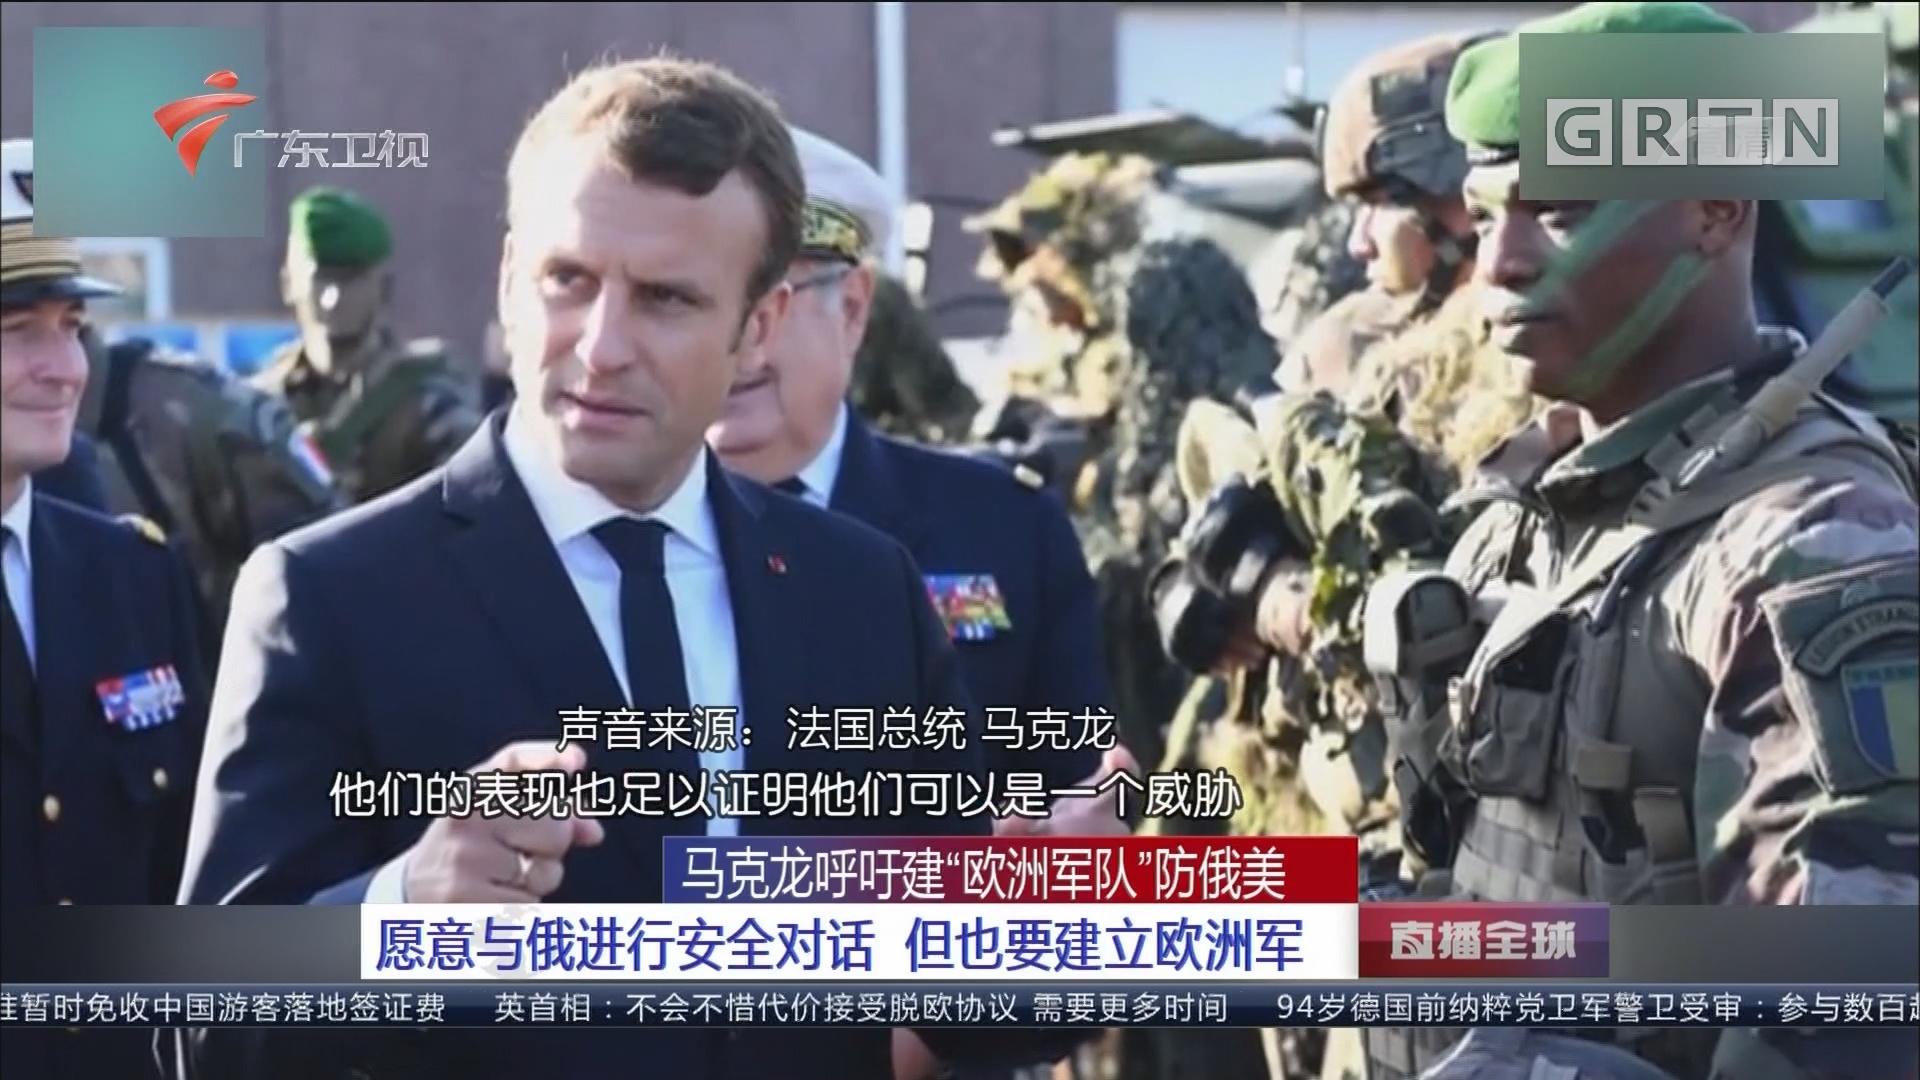 """马克龙呼吁建""""欧洲军队""""防俄美:愿意与俄进行安全对话 但也要建立欧洲军"""